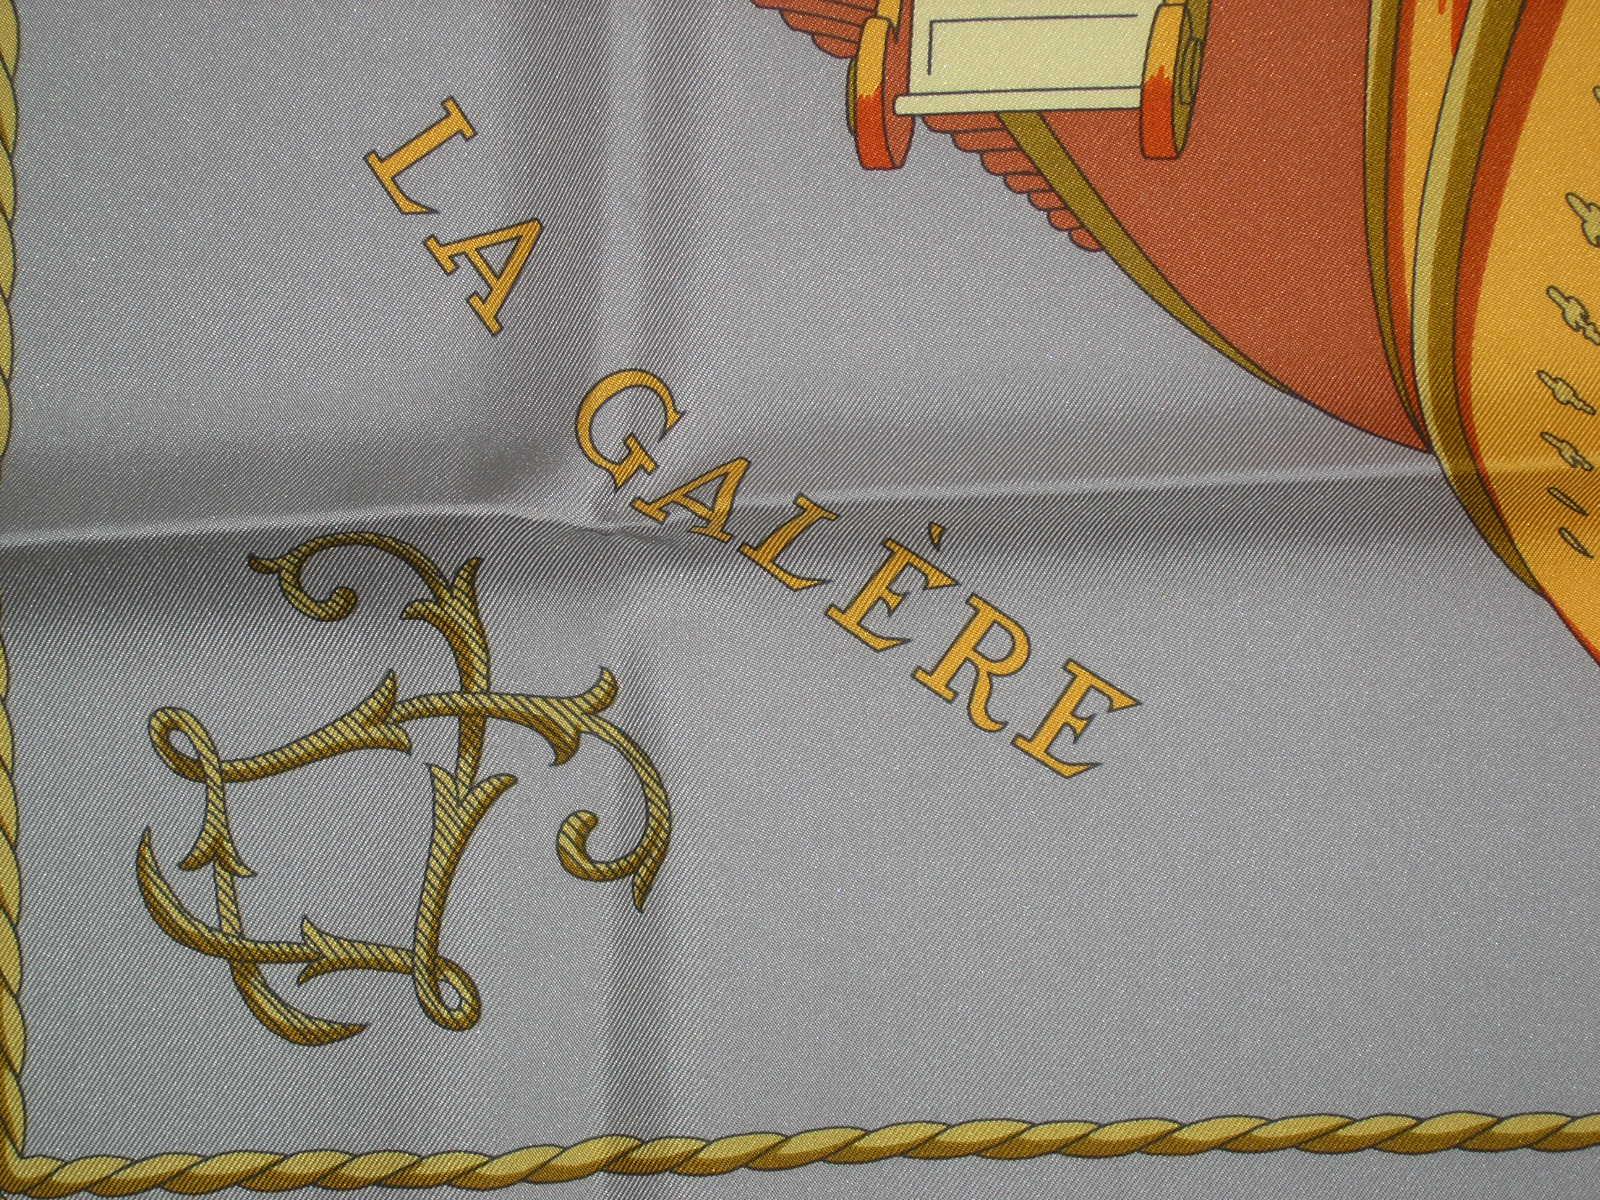 Hirkeld Housse De Si/ège De Voiture Si/ège Avant Mignon Vache Imprim/é Housses De Si/ège De Voiture 2 Pcs Fit La Plupart des Voitures VUS ou Van Camions